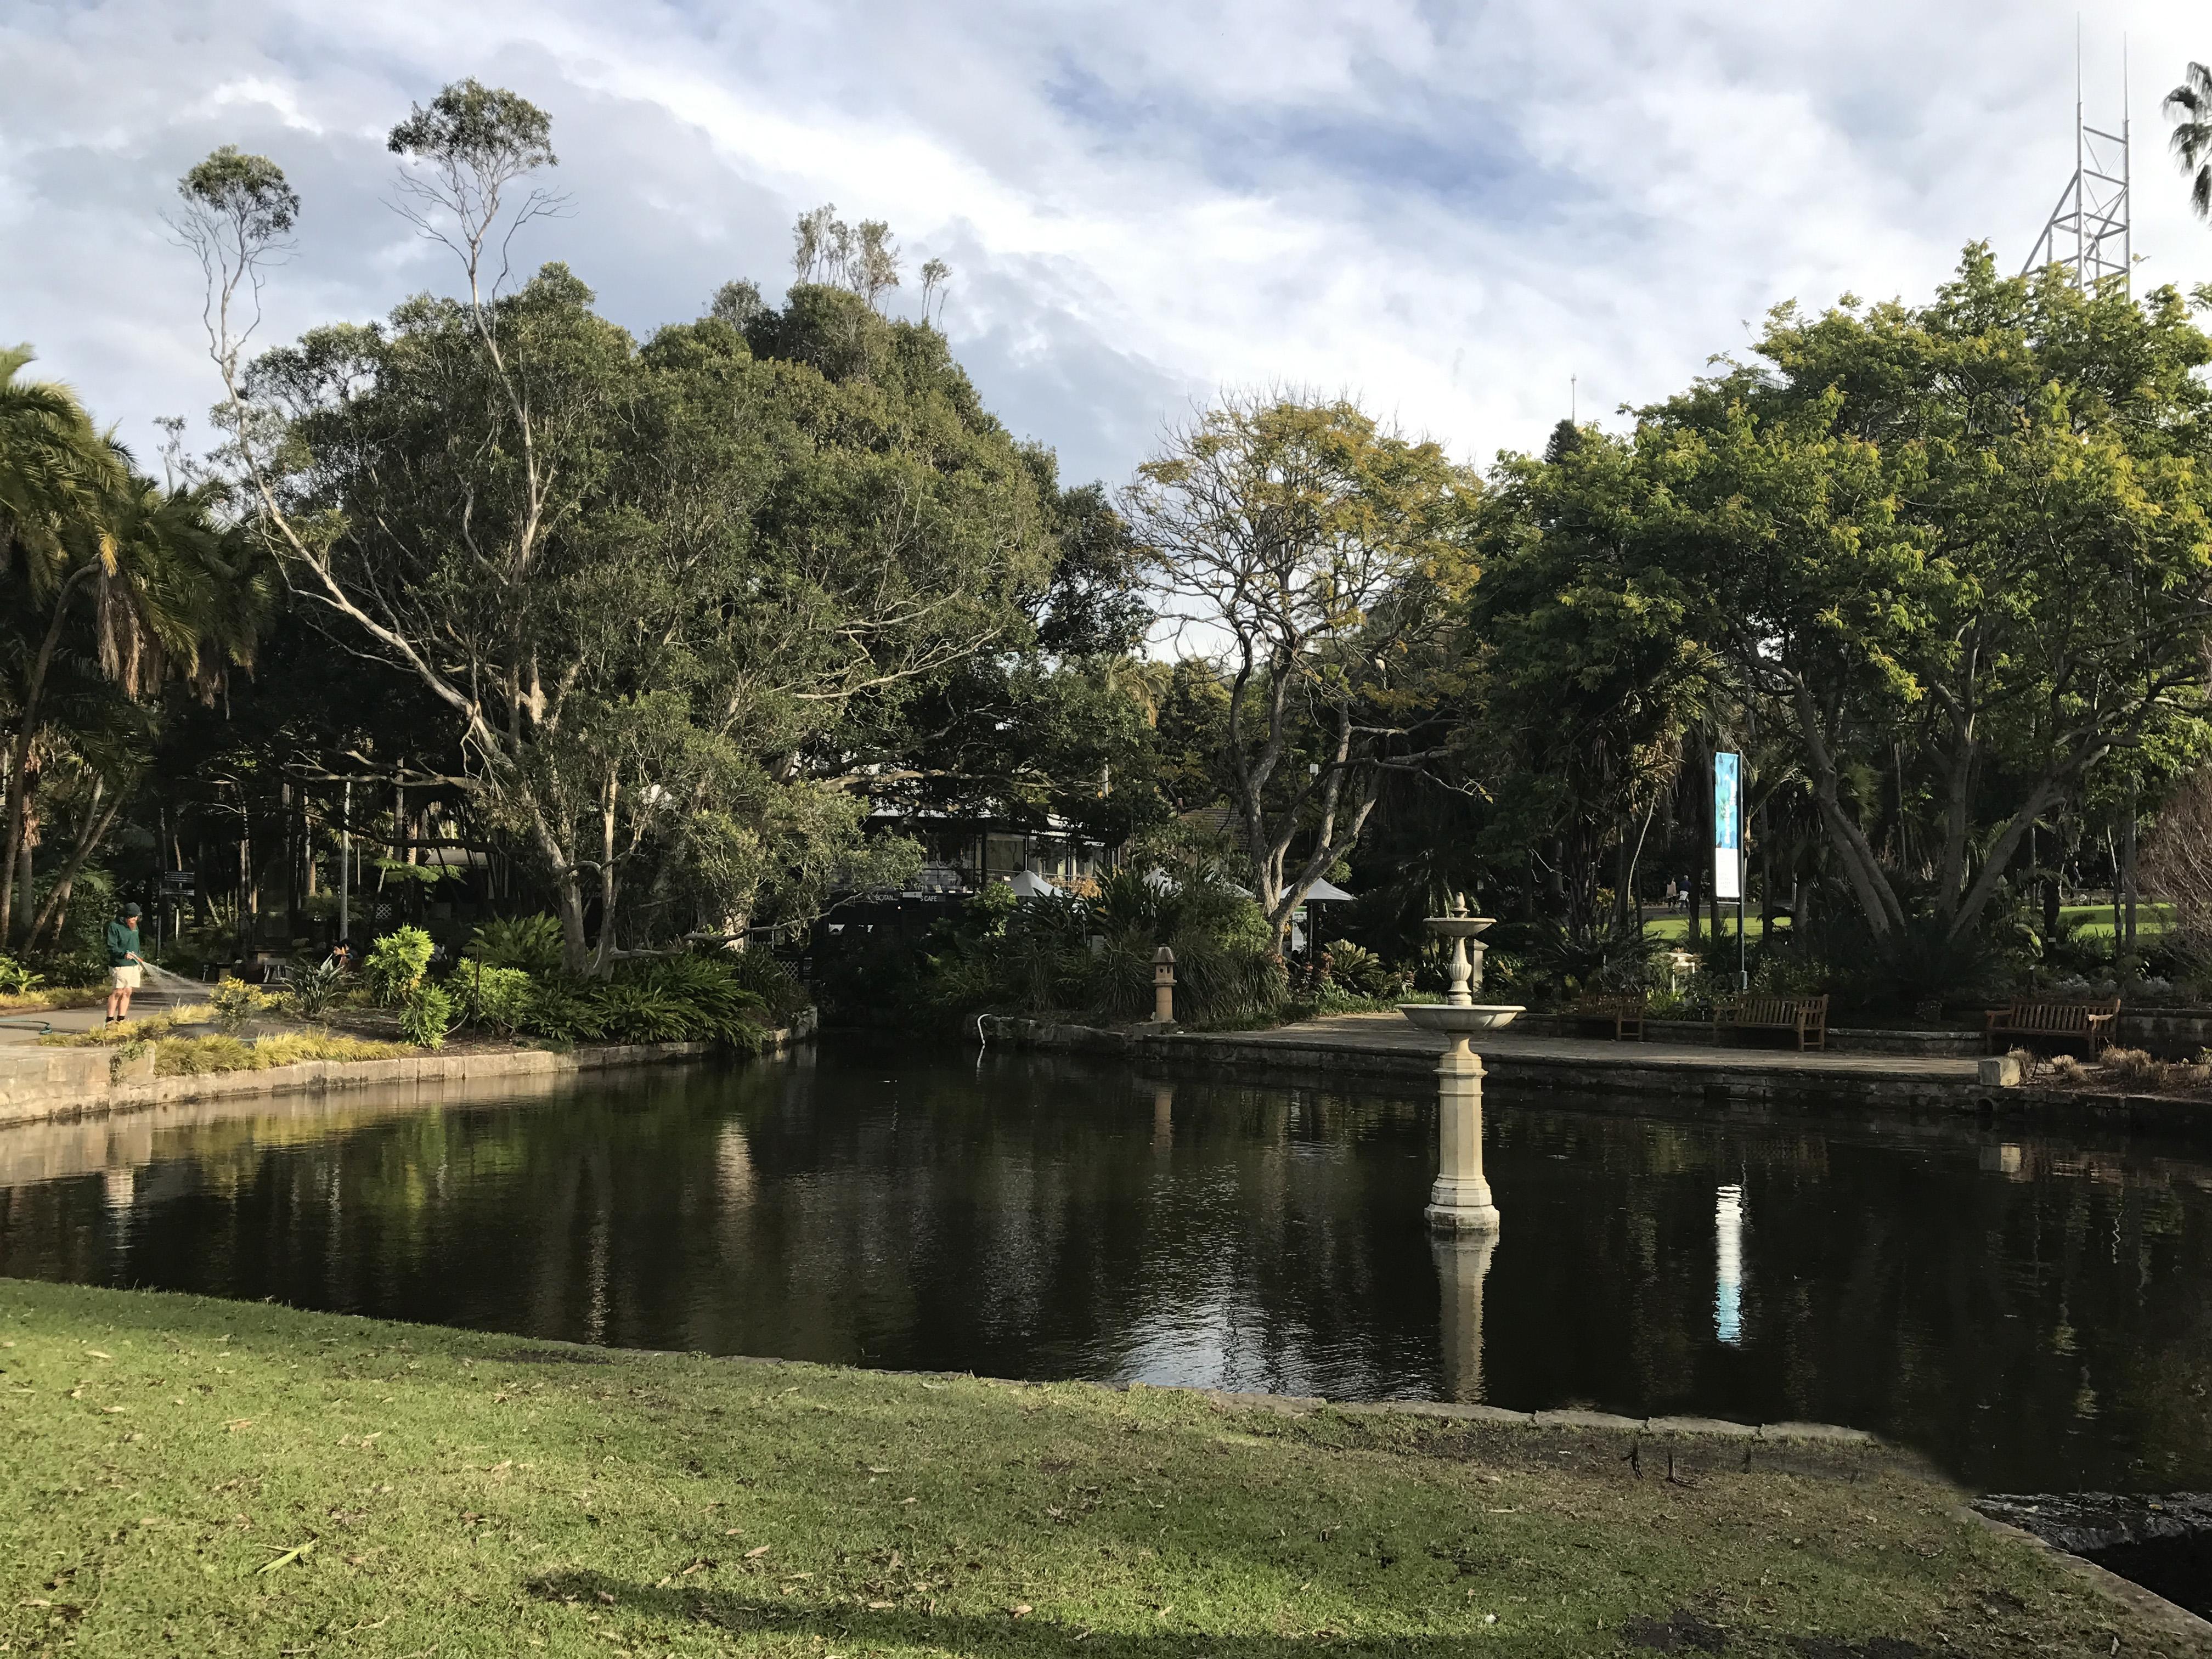 The Royal Botanic Garden Sydney Lotus Pond Rejuvenation